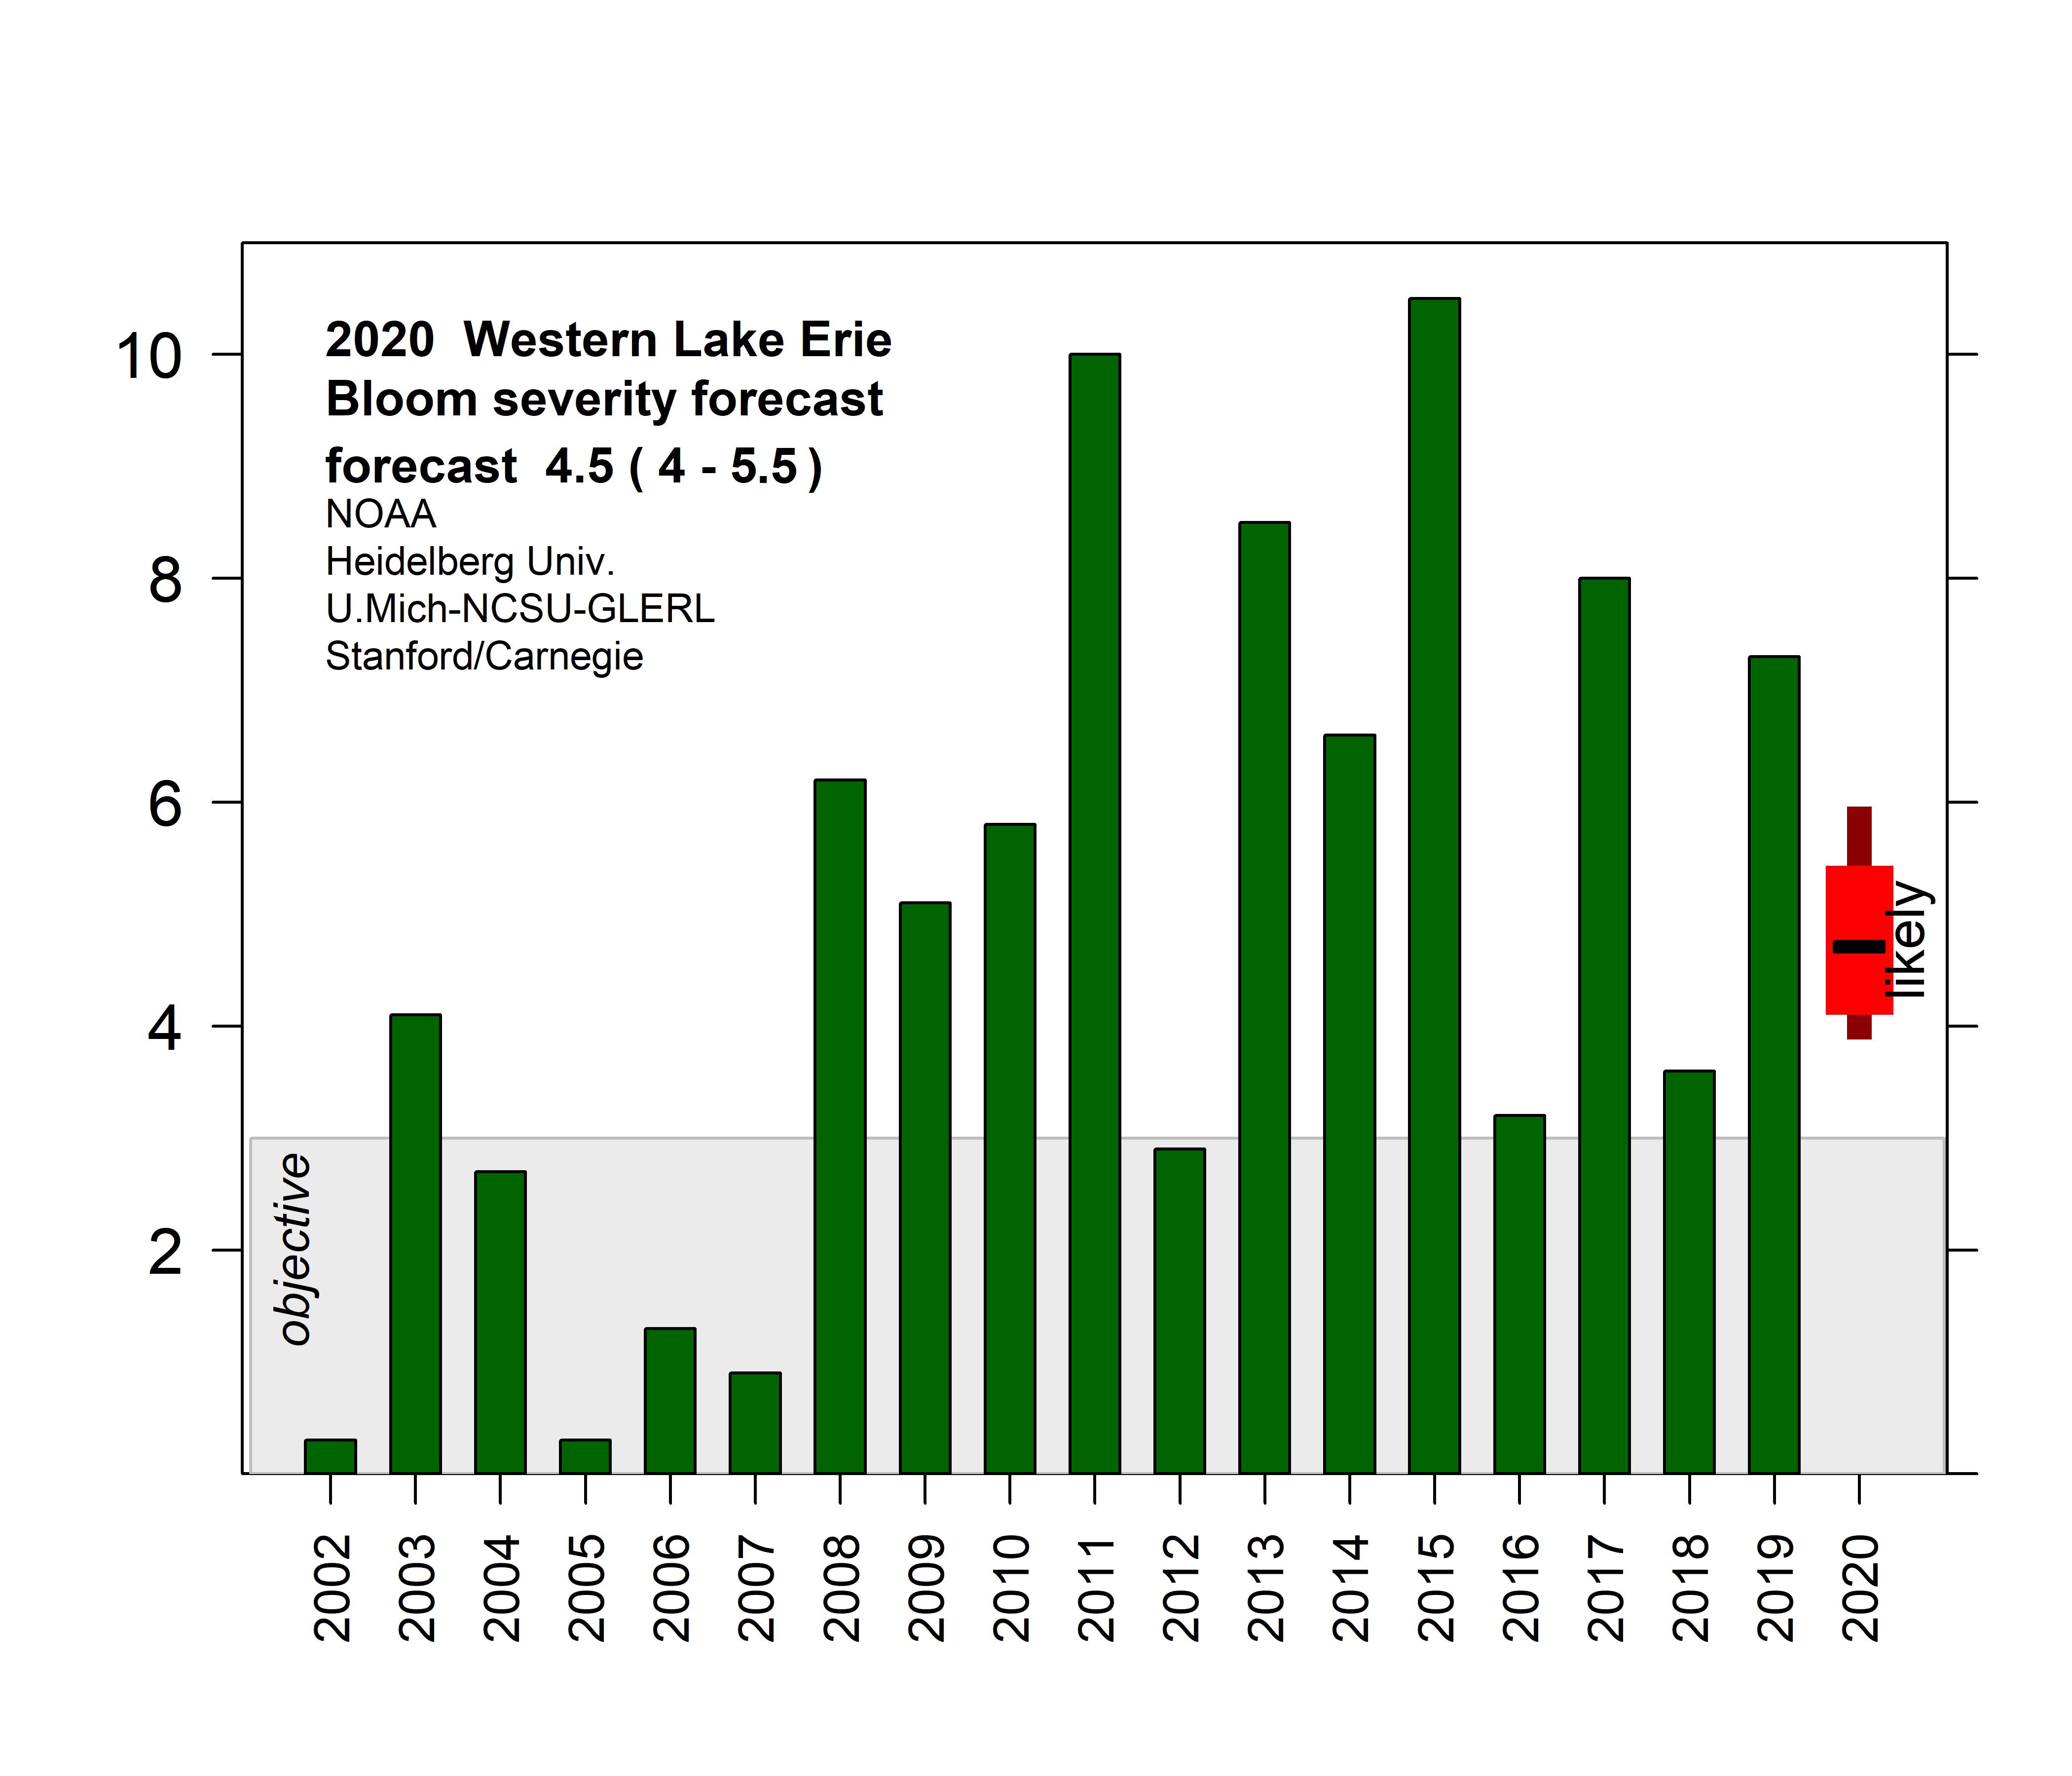 2020 Western Lake Eerie Bloom Severity Forecast. Image credit: NOAA